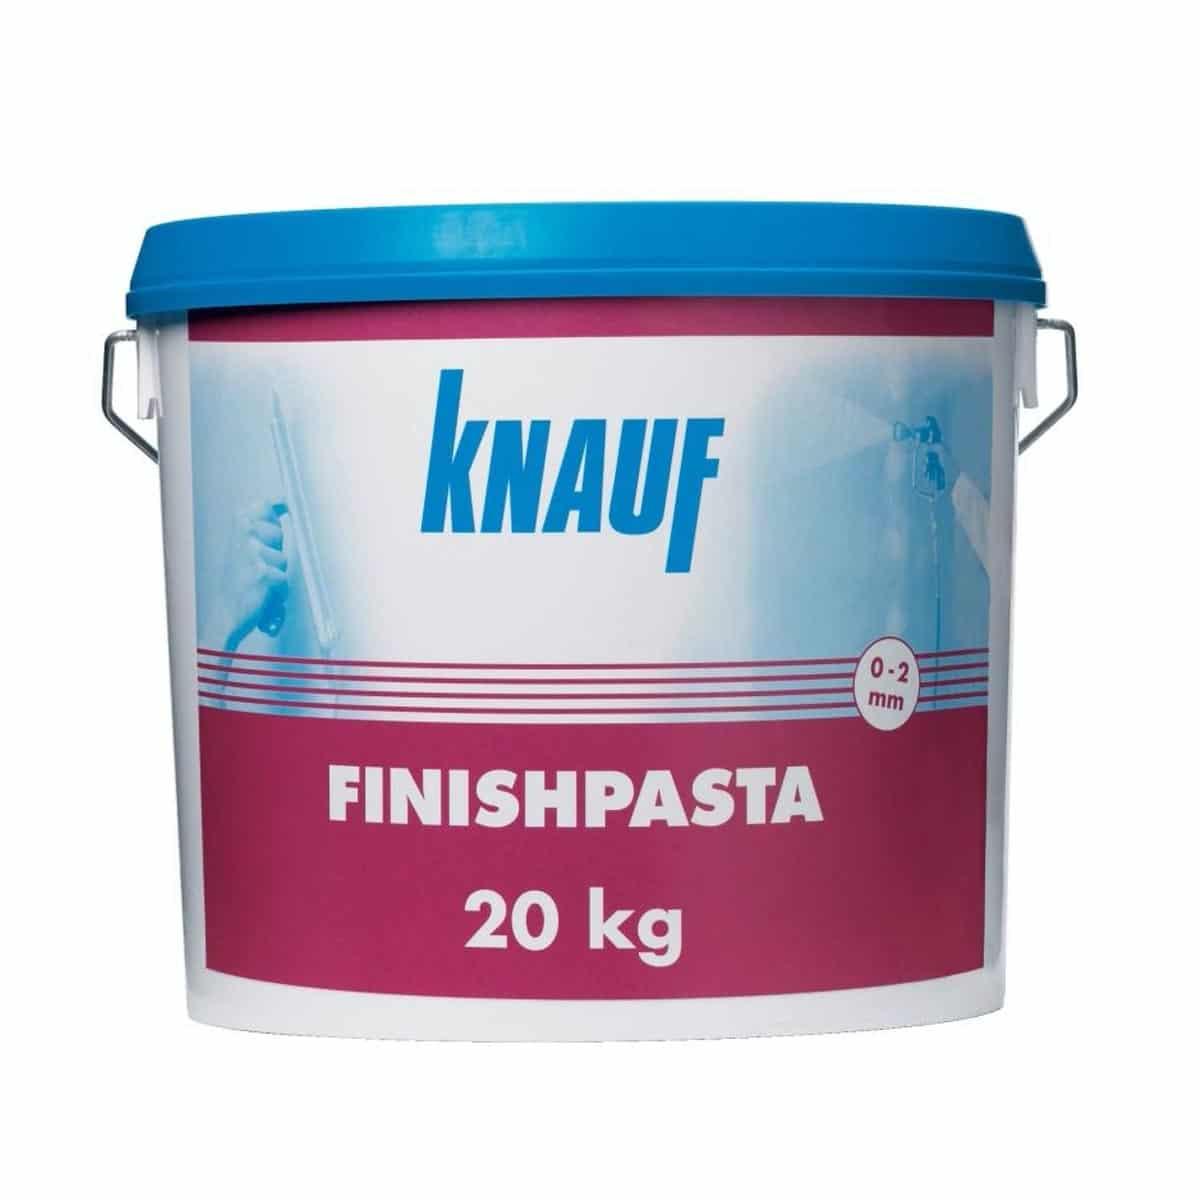 Knauf FinishPasta 20kg